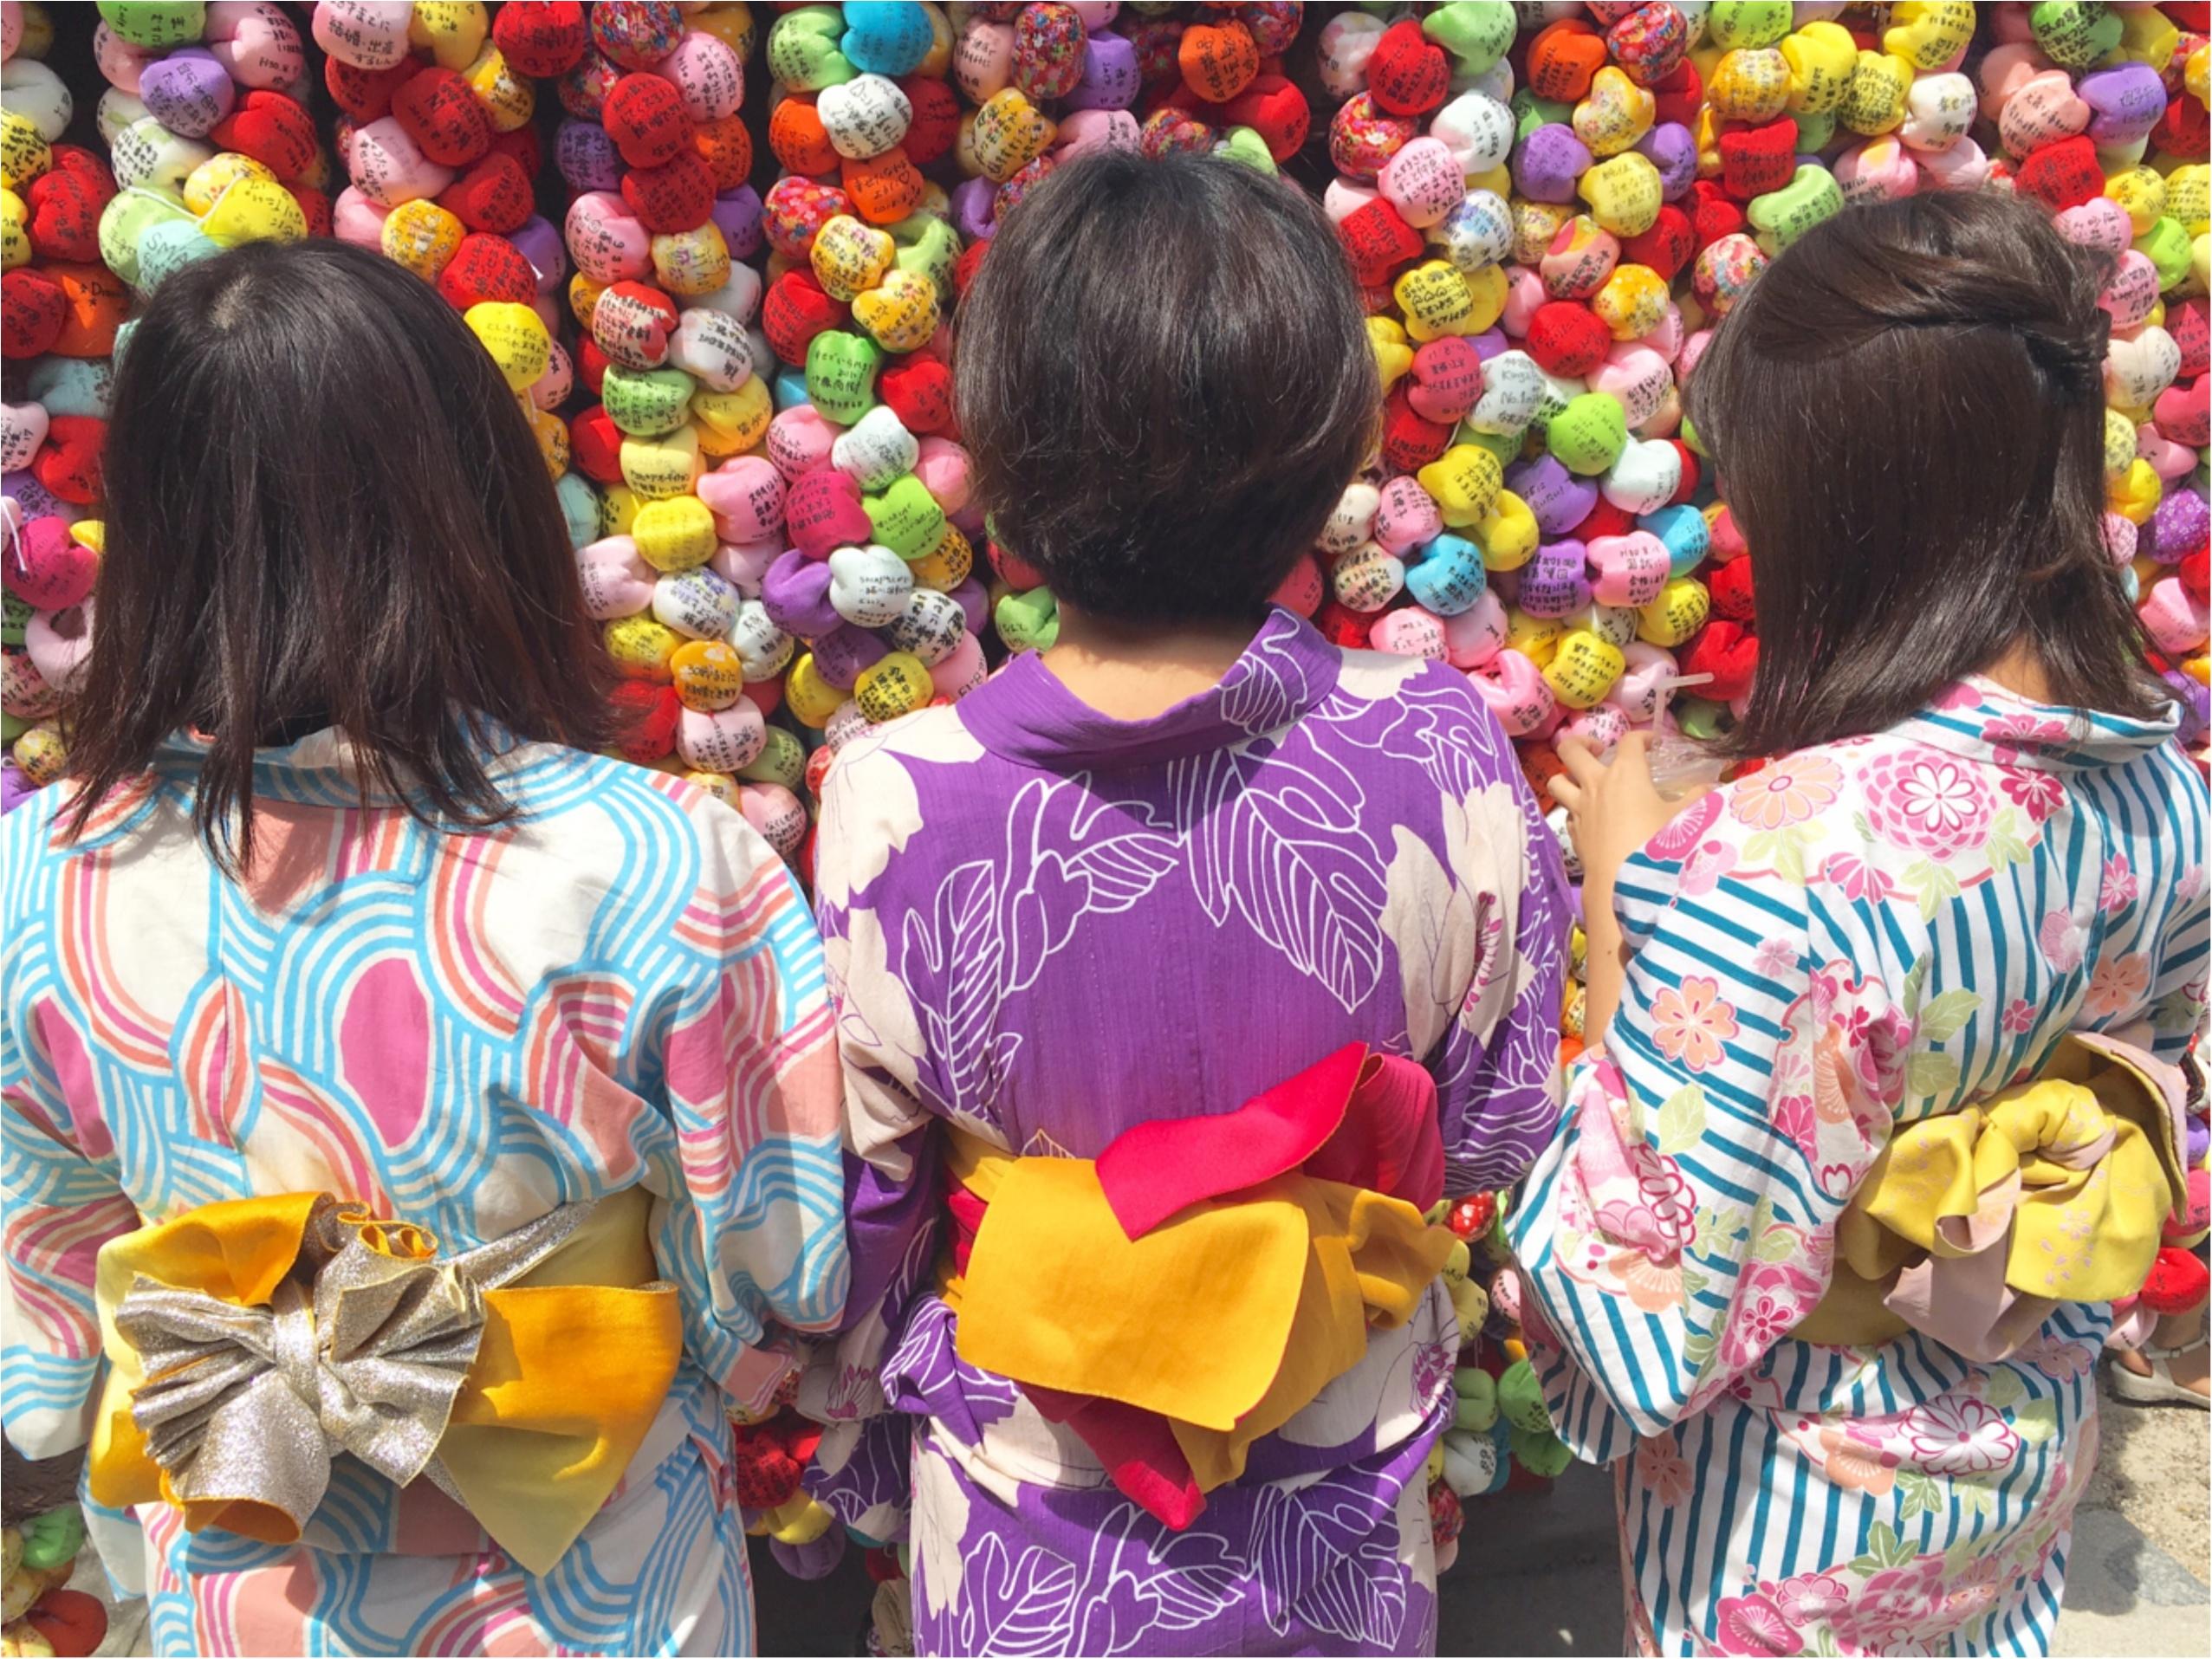 京都女子旅特集《2019年版》- 旅する女子がおすすめする、インスタ映えスポットやカフェ、レンタル着物は?_10